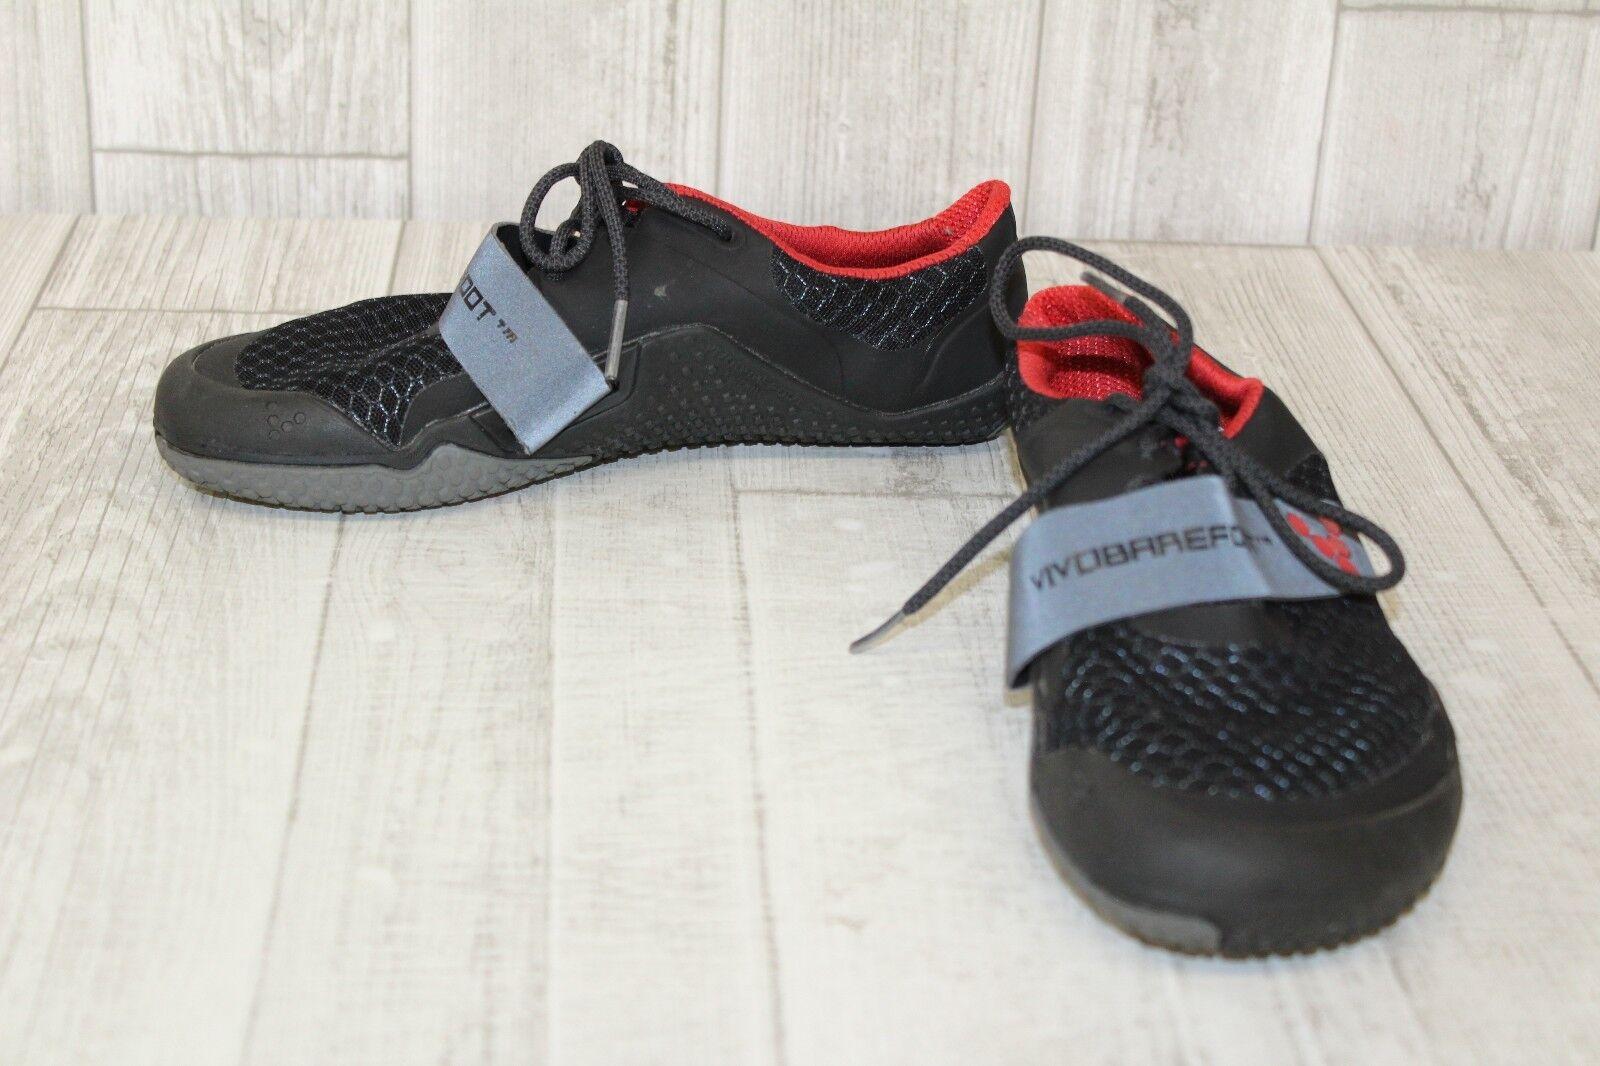 VivoBarefoot Motus Cross Training zapatos, Para Para Para Mujer-Talla 36 euros nos (6), negro rojo  más orden